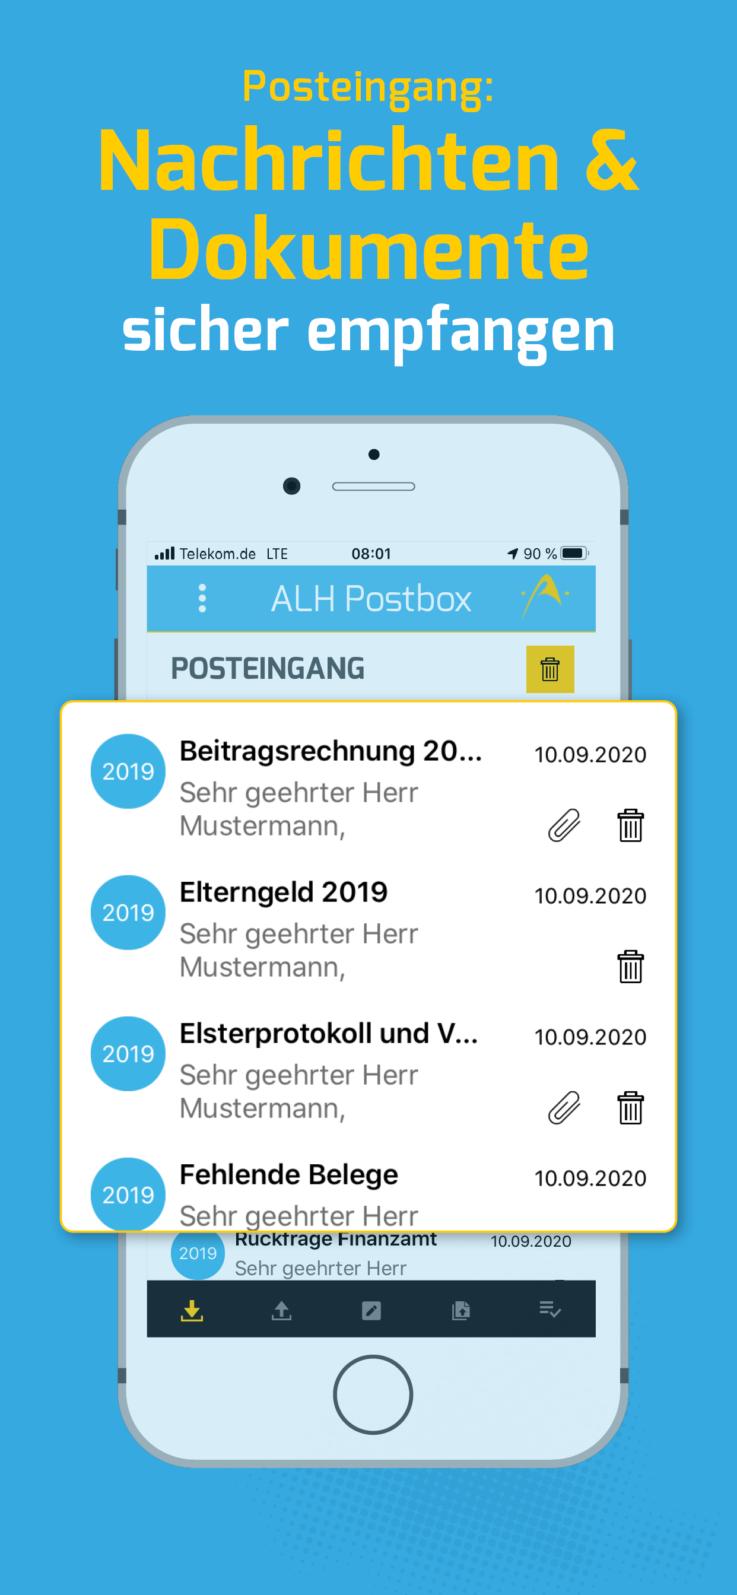 ALH Postbox App Posteingang Nachrichten & Dokumente sicher empfangen